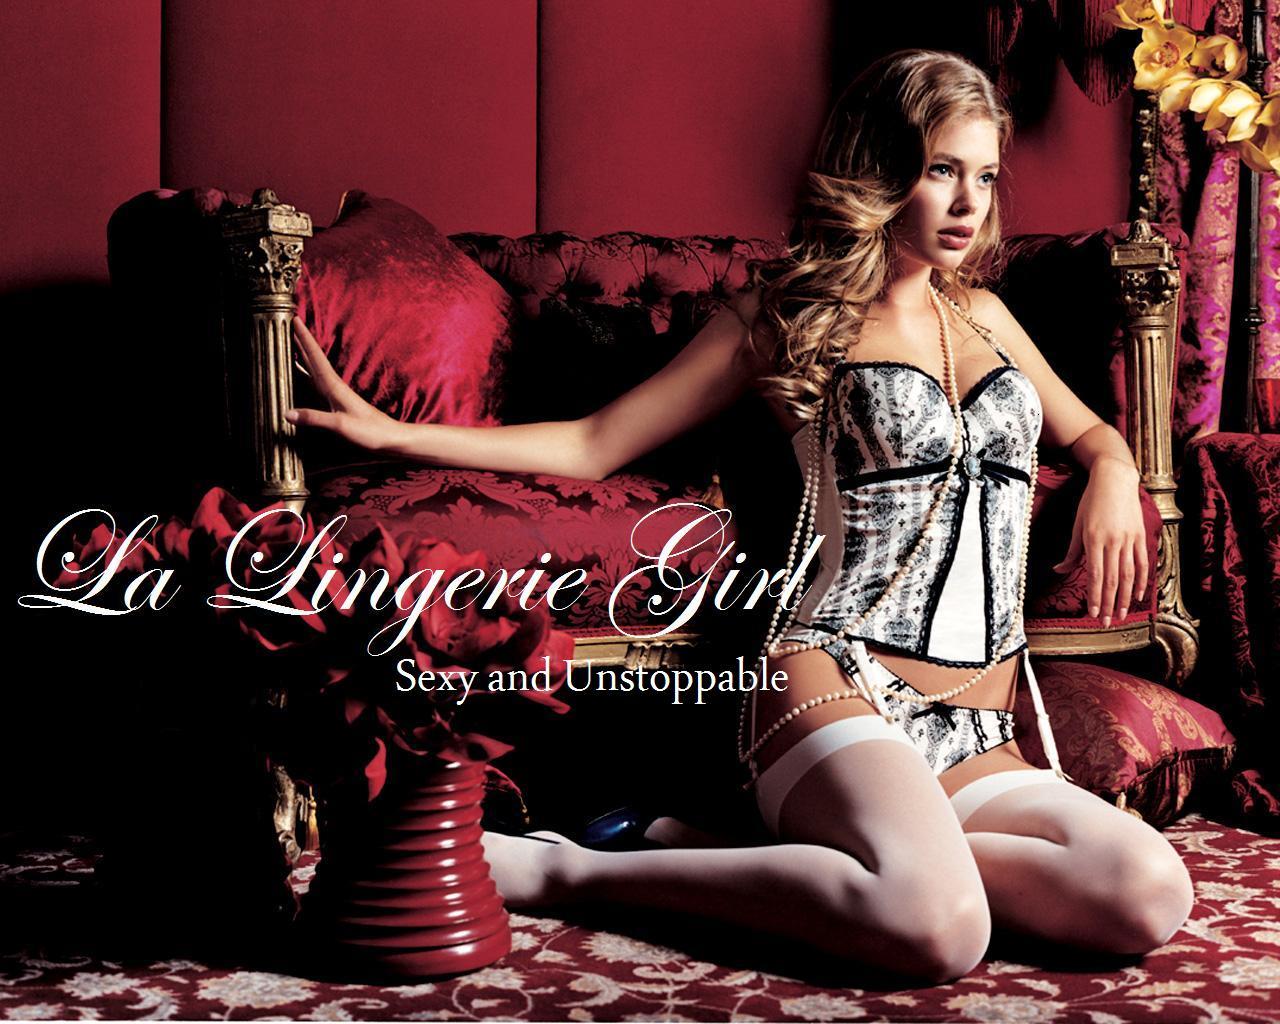 http://1.bp.blogspot.com/-6GaRBT0kTXs/TckotMbVX9I/AAAAAAAAAHw/R9x2L-fZaAA/s1600/Eblin+Lingerie+-+Secret+Boudoir+27+1280x1024+Fashion+Wallpaper.jpg